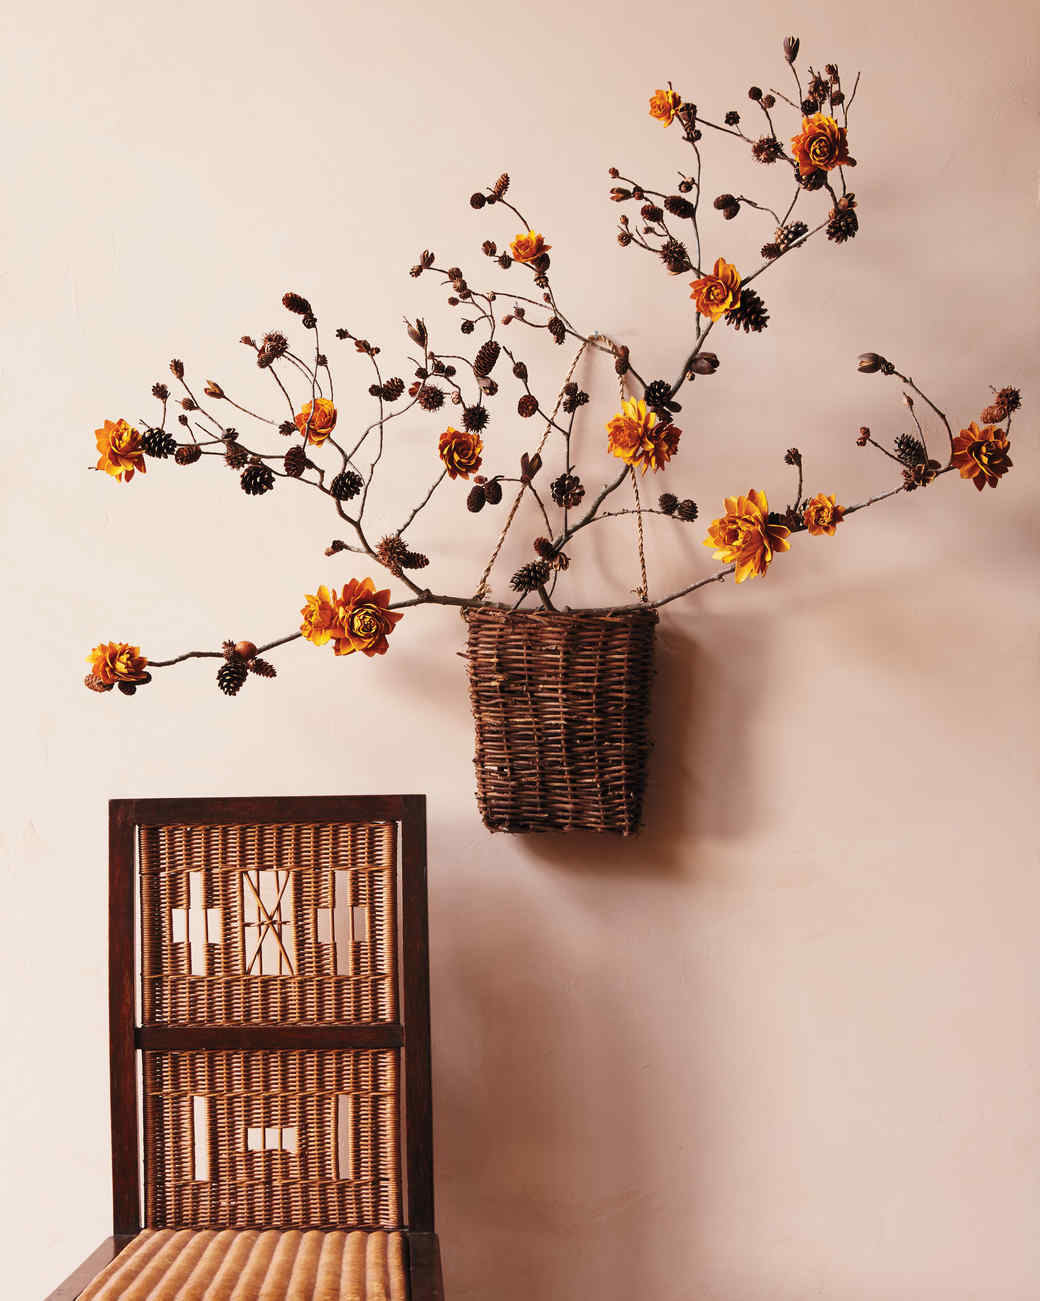 tablesetting-hanging-baskets-024-v1-d112277.jpg